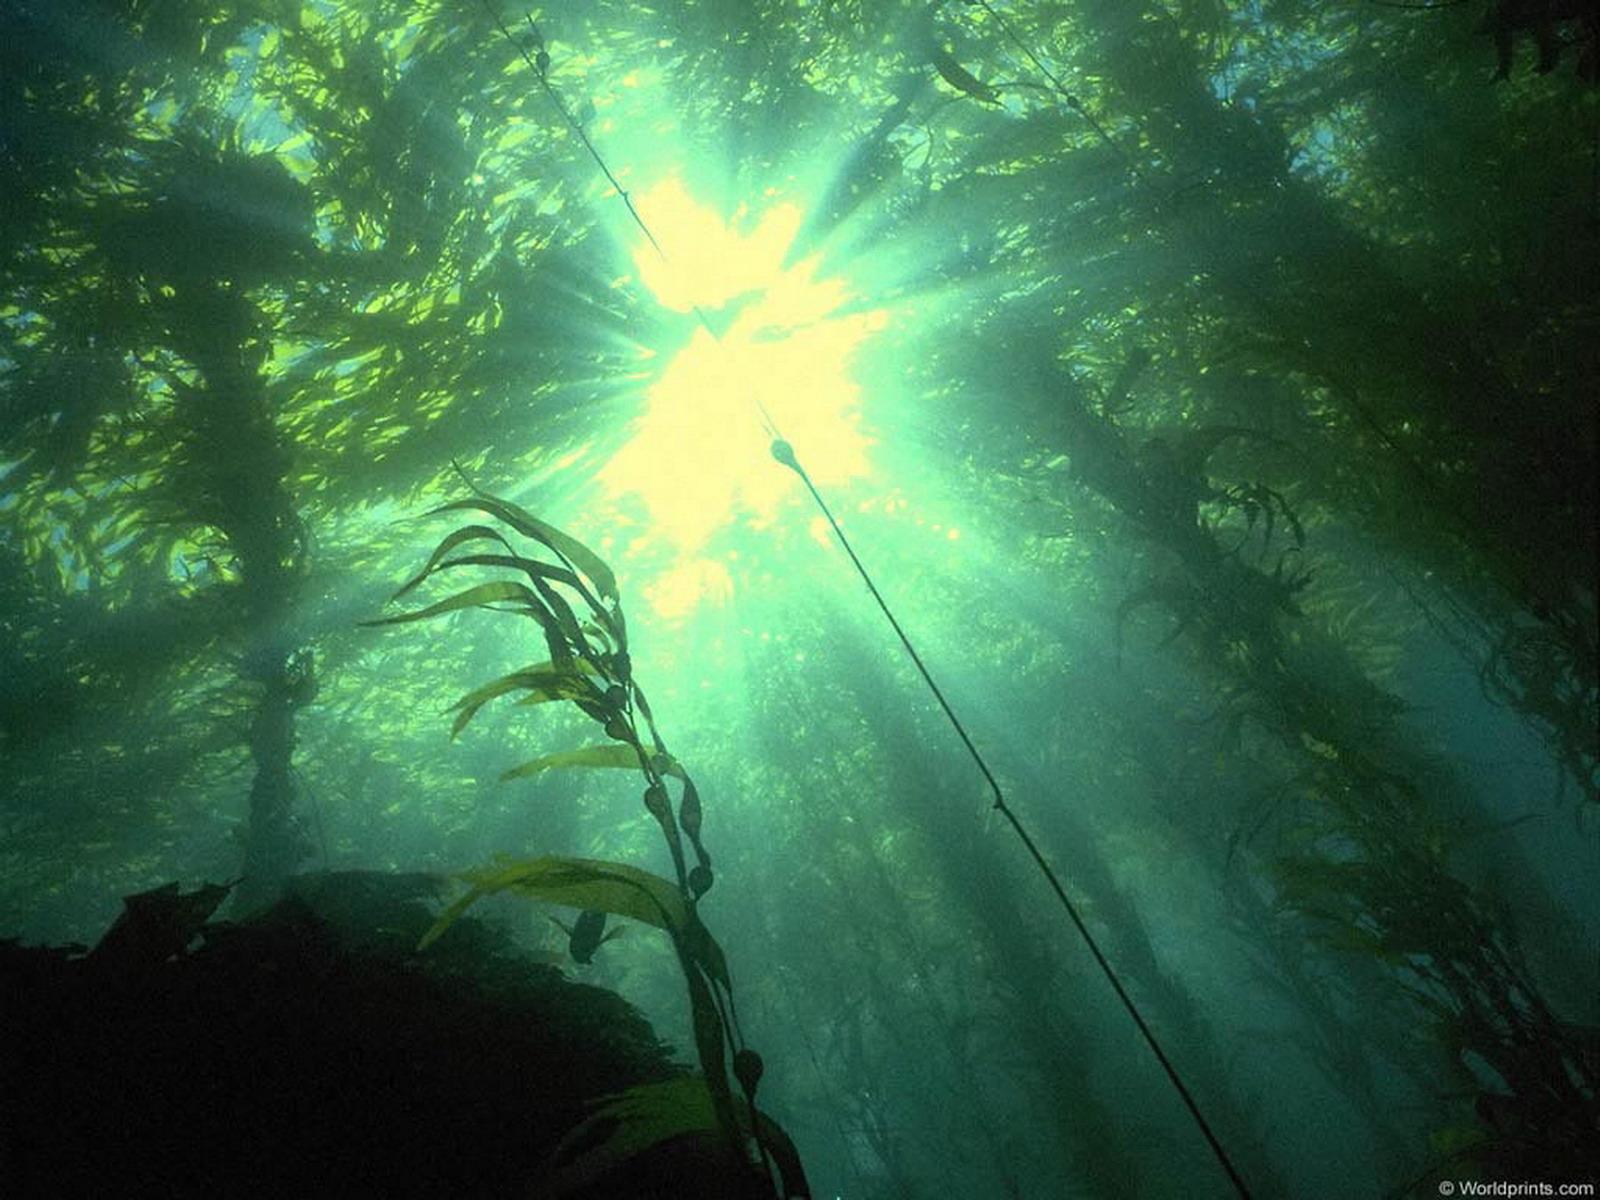 Природні джерела світла фото 19 фотография